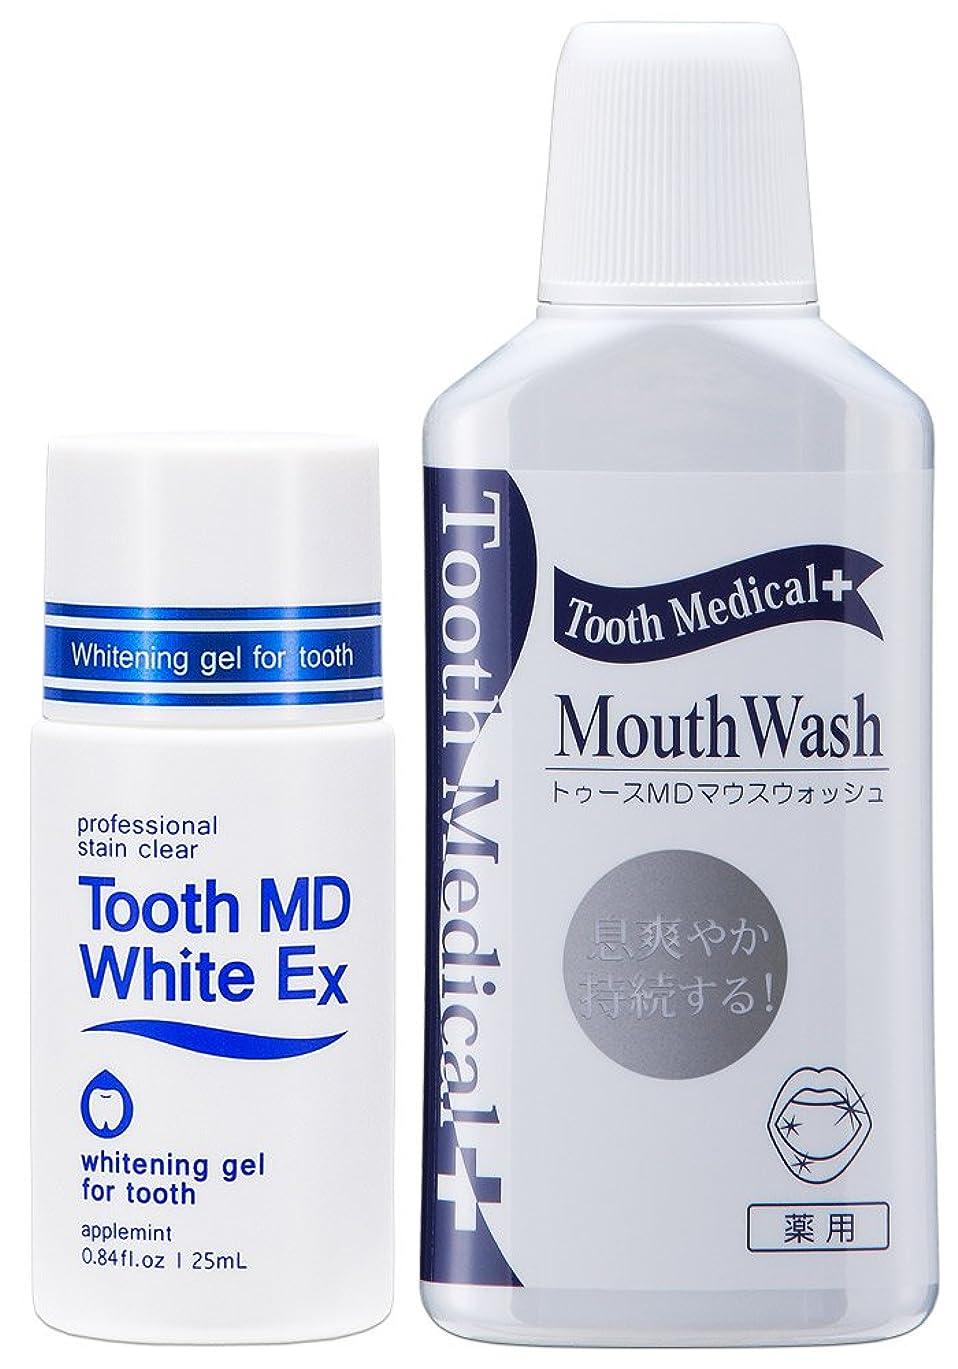 意外病的懲らしめトゥースMDホワイトEX+トゥースメディカルウォッシュ セット[歯のホワイトニング/口臭予防]